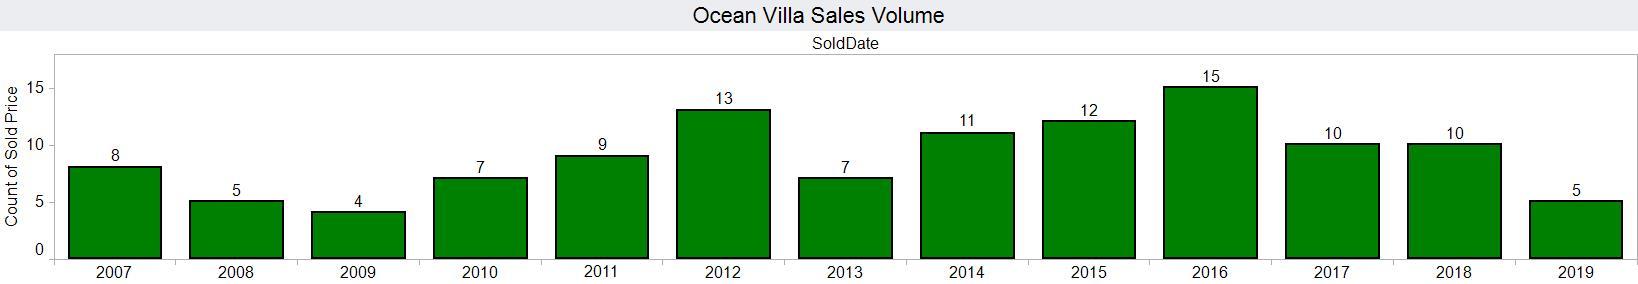 ocean villa 20190613 volume